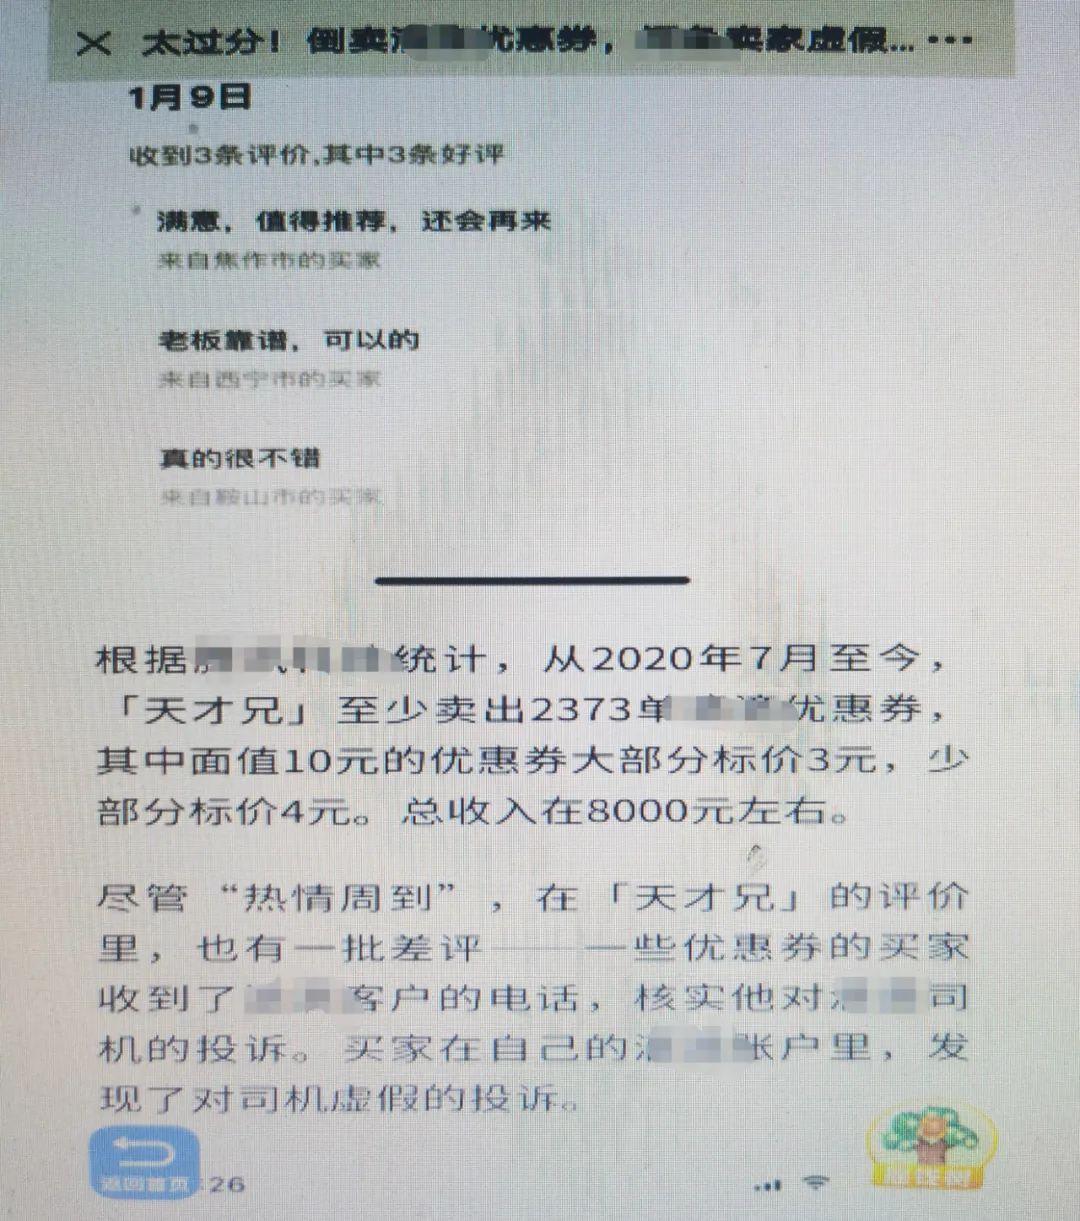 小伙恶意投诉两千多名网约车司机获代金券返利,涉诈骗被刑拘插图(1)